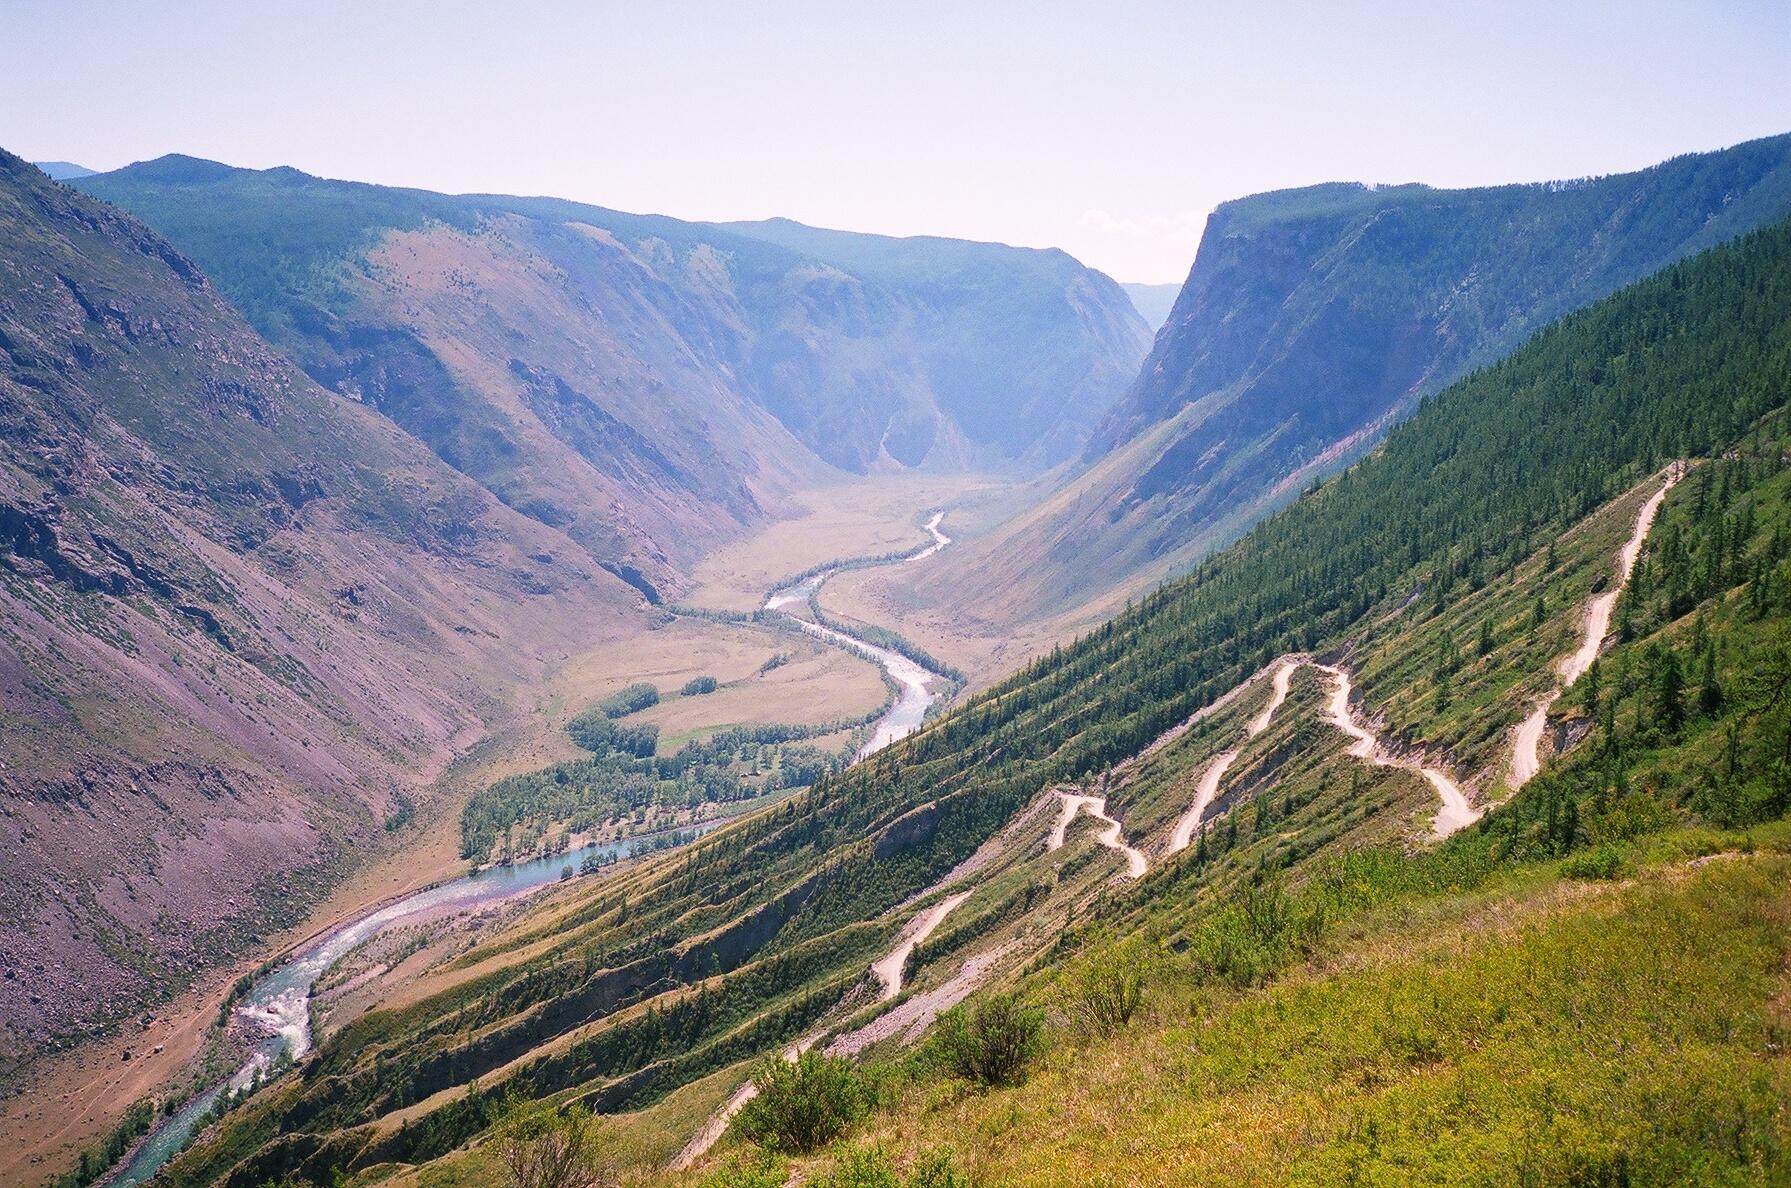 фото чике таман перевал